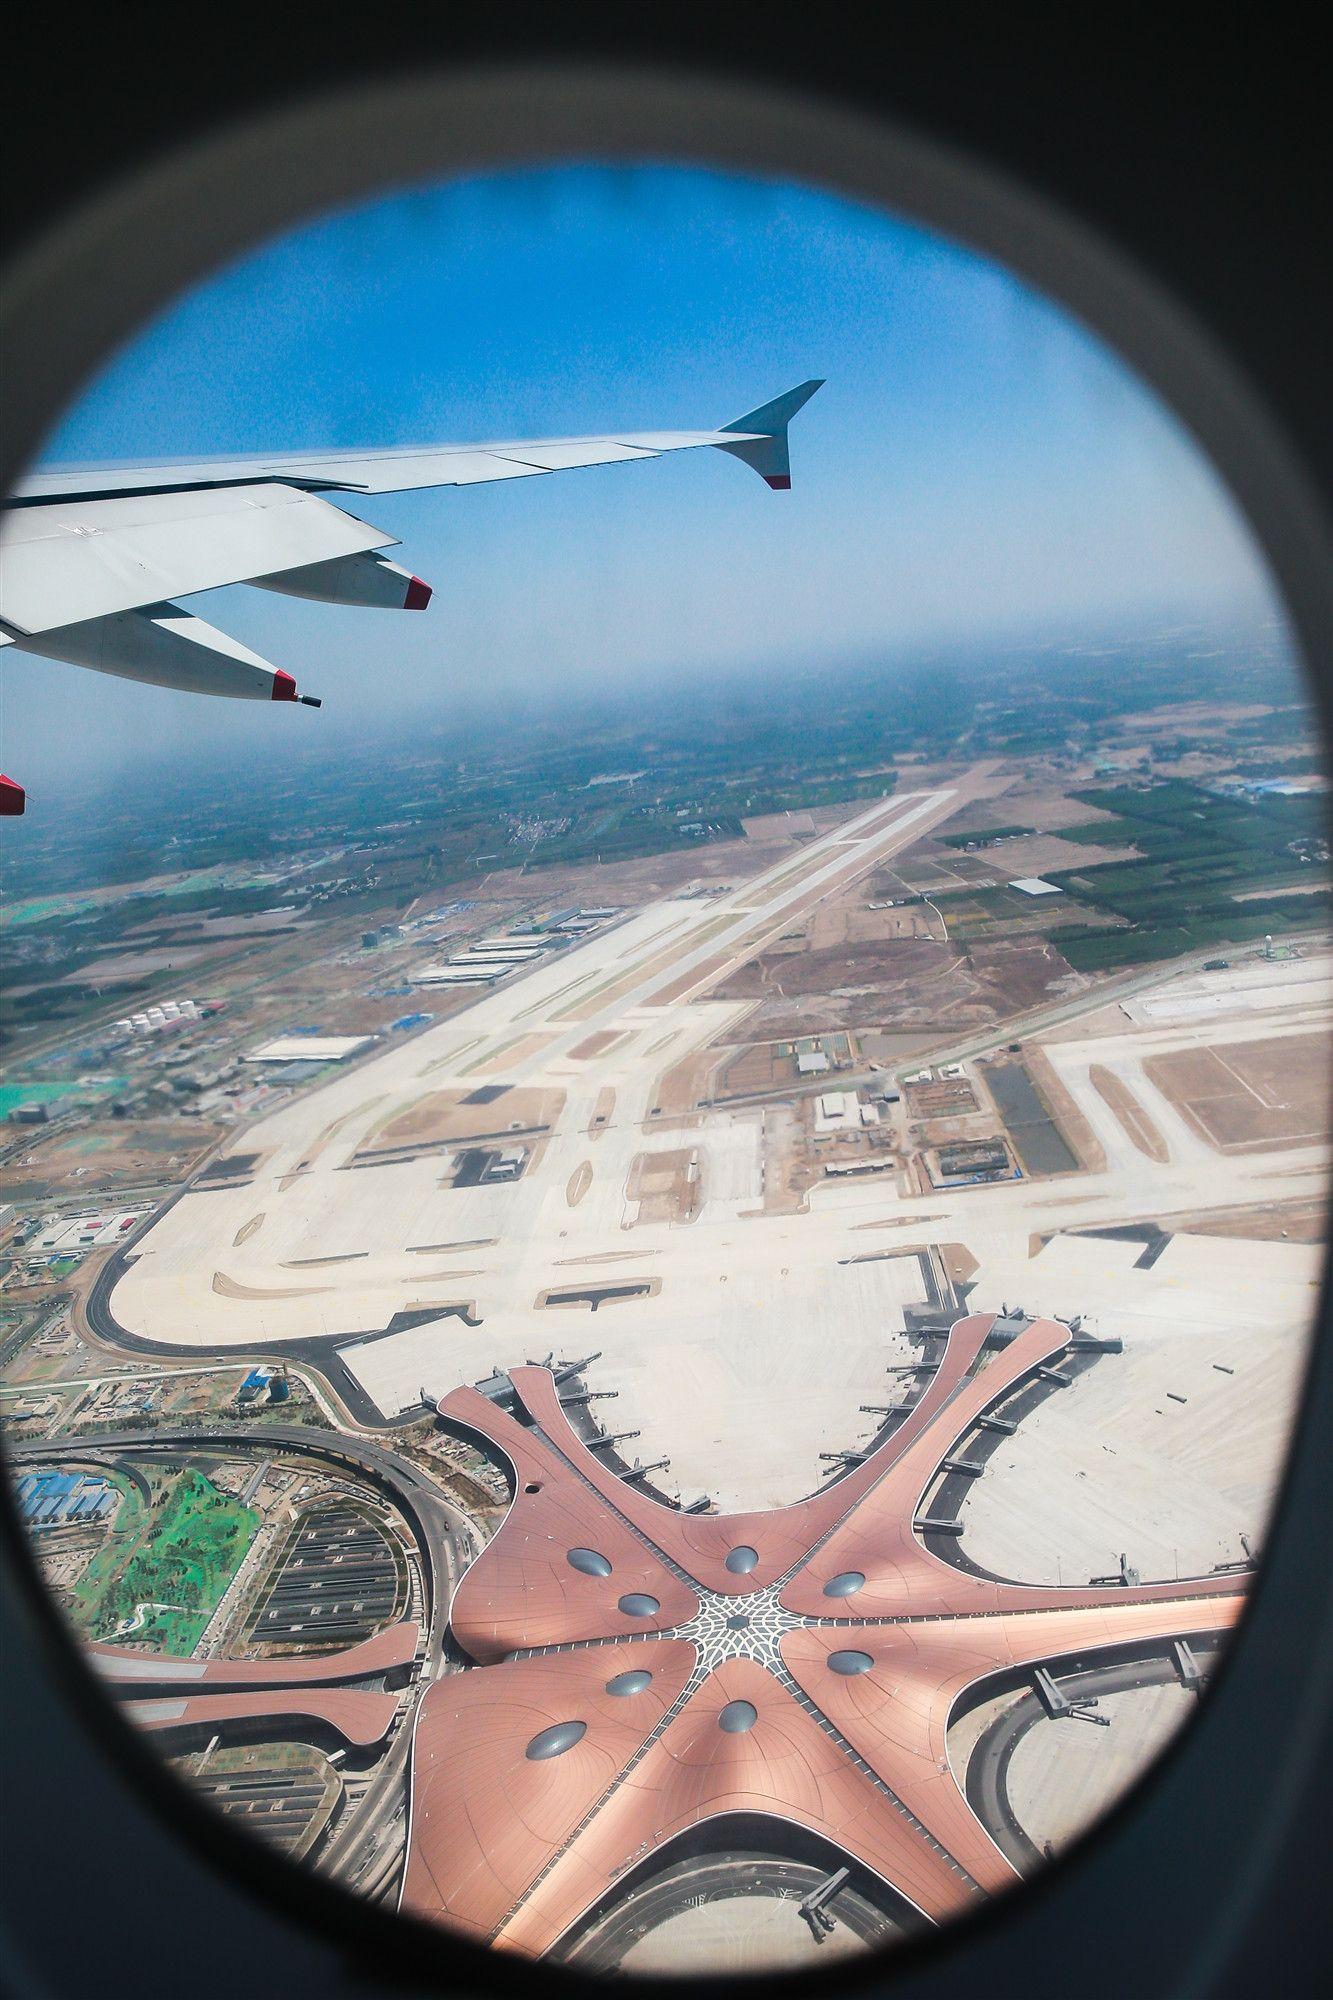 2019年5月13日,北京大兴国际机场进行真机试飞。作为大兴国际机场份额最大的主基地航空公司,南航派出旗舰机型、世界上最大的客机A380率先完成试飞-刘艺